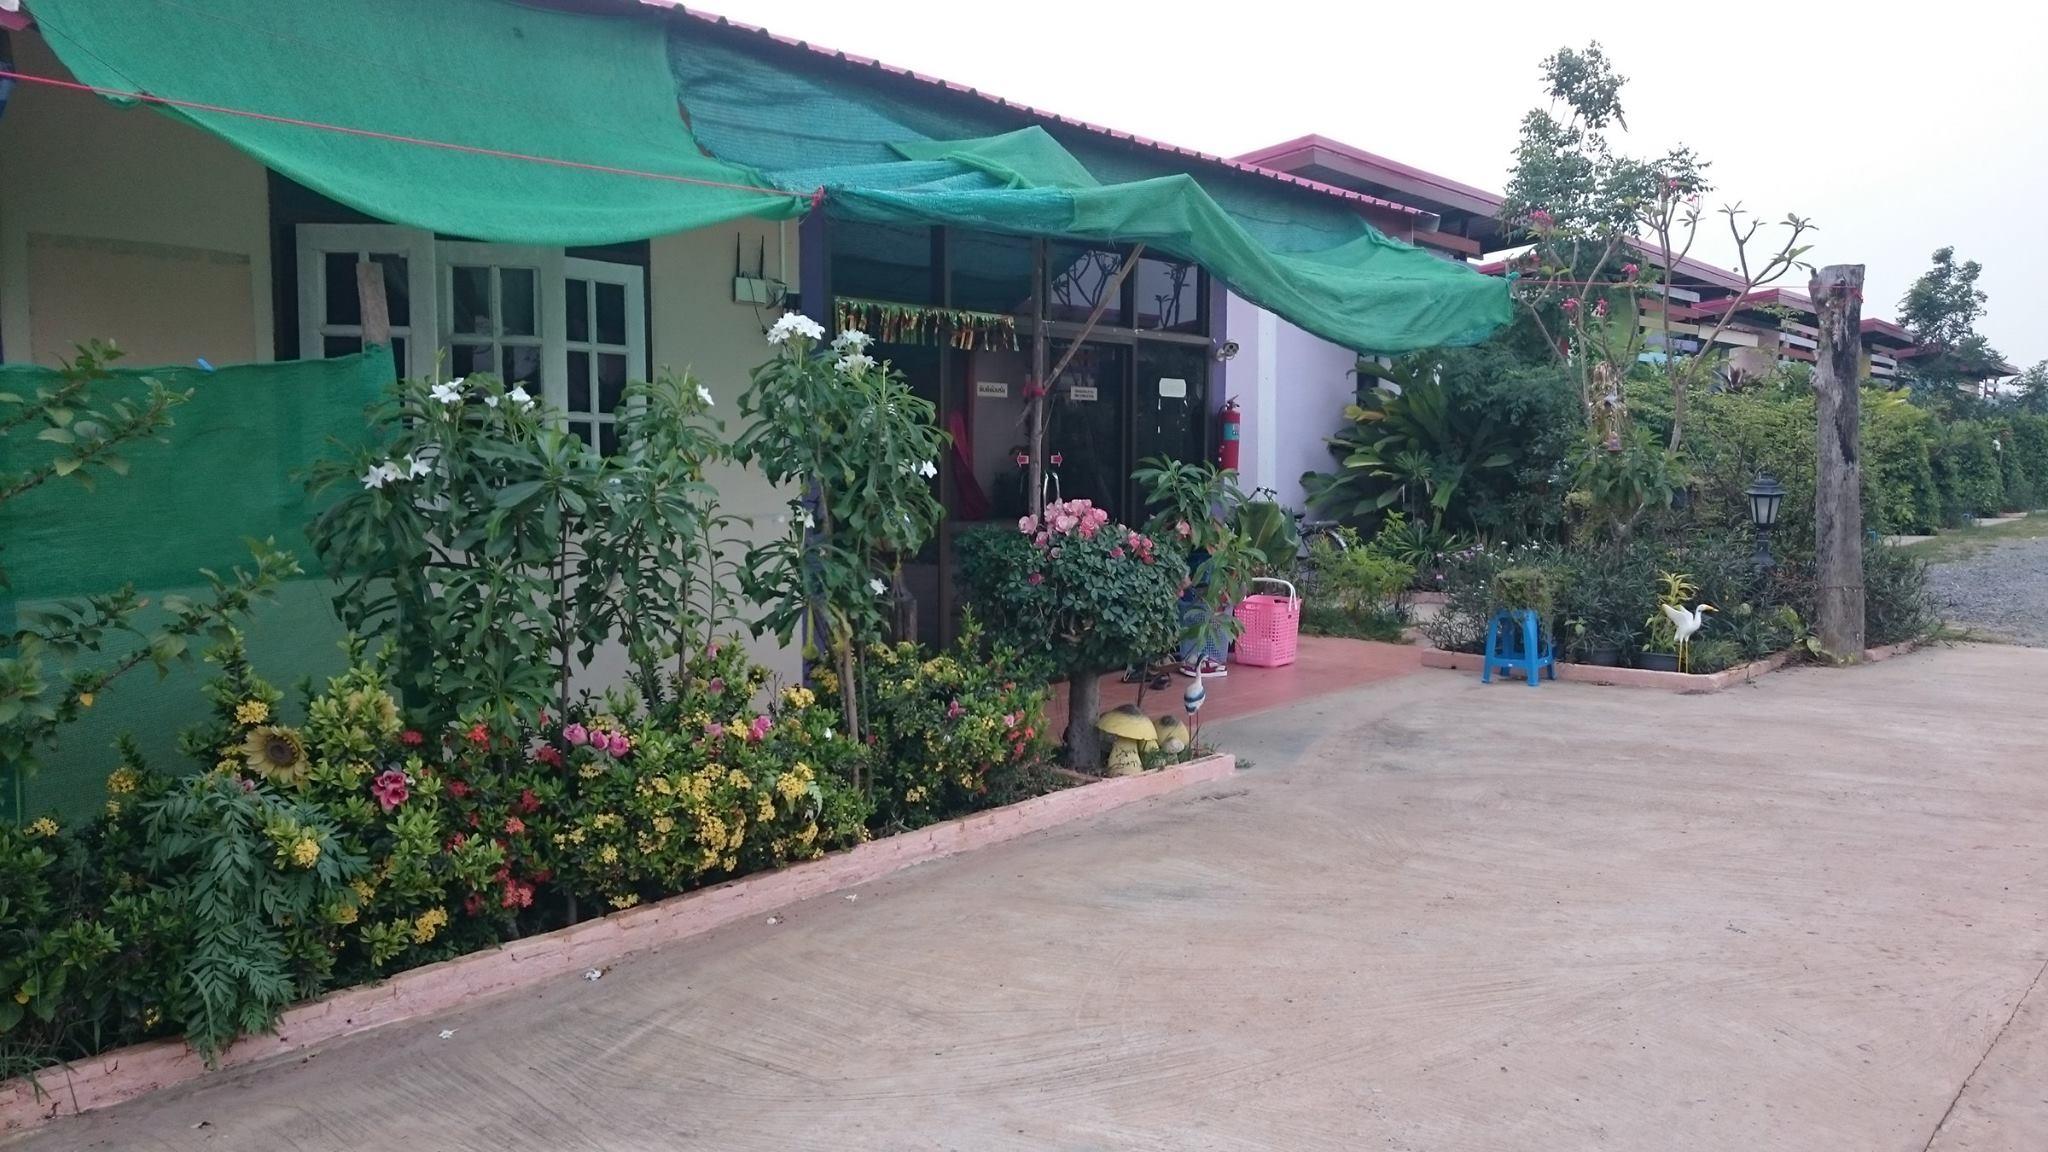 En resort midt i ingenmannsland